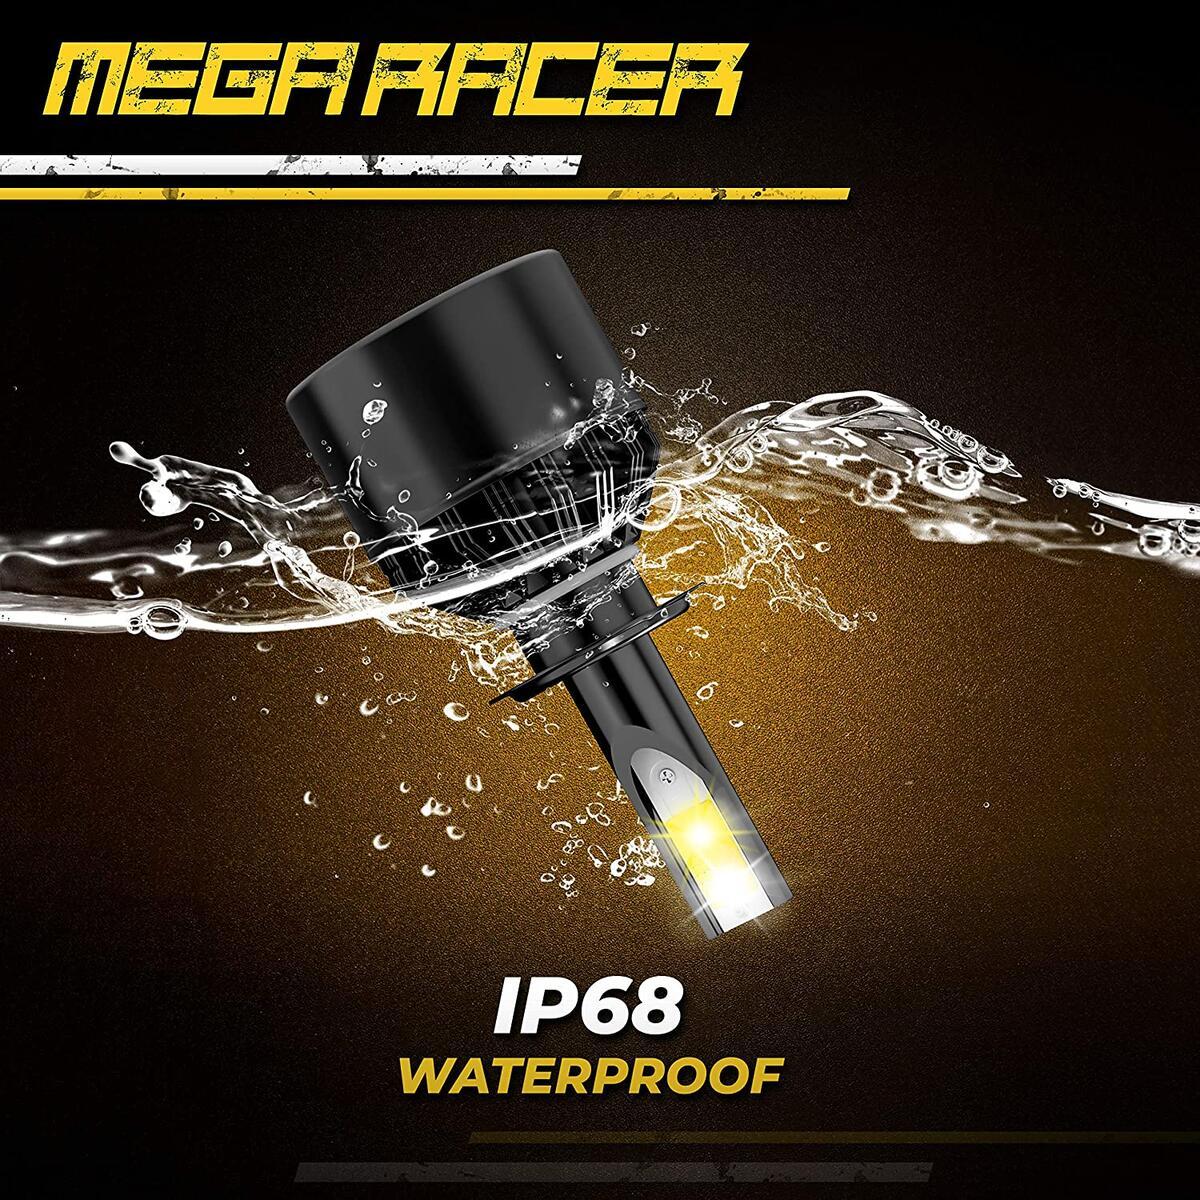 Mega Racer H7 Fog Light Bulb, 3 Changeable Colors for Fog Light Replacement Bulb (6000K Diamond White, 3000K Golden Yellow, 4300K Warm White), 50W 8000 Lumens COB IP68, Pack of 2